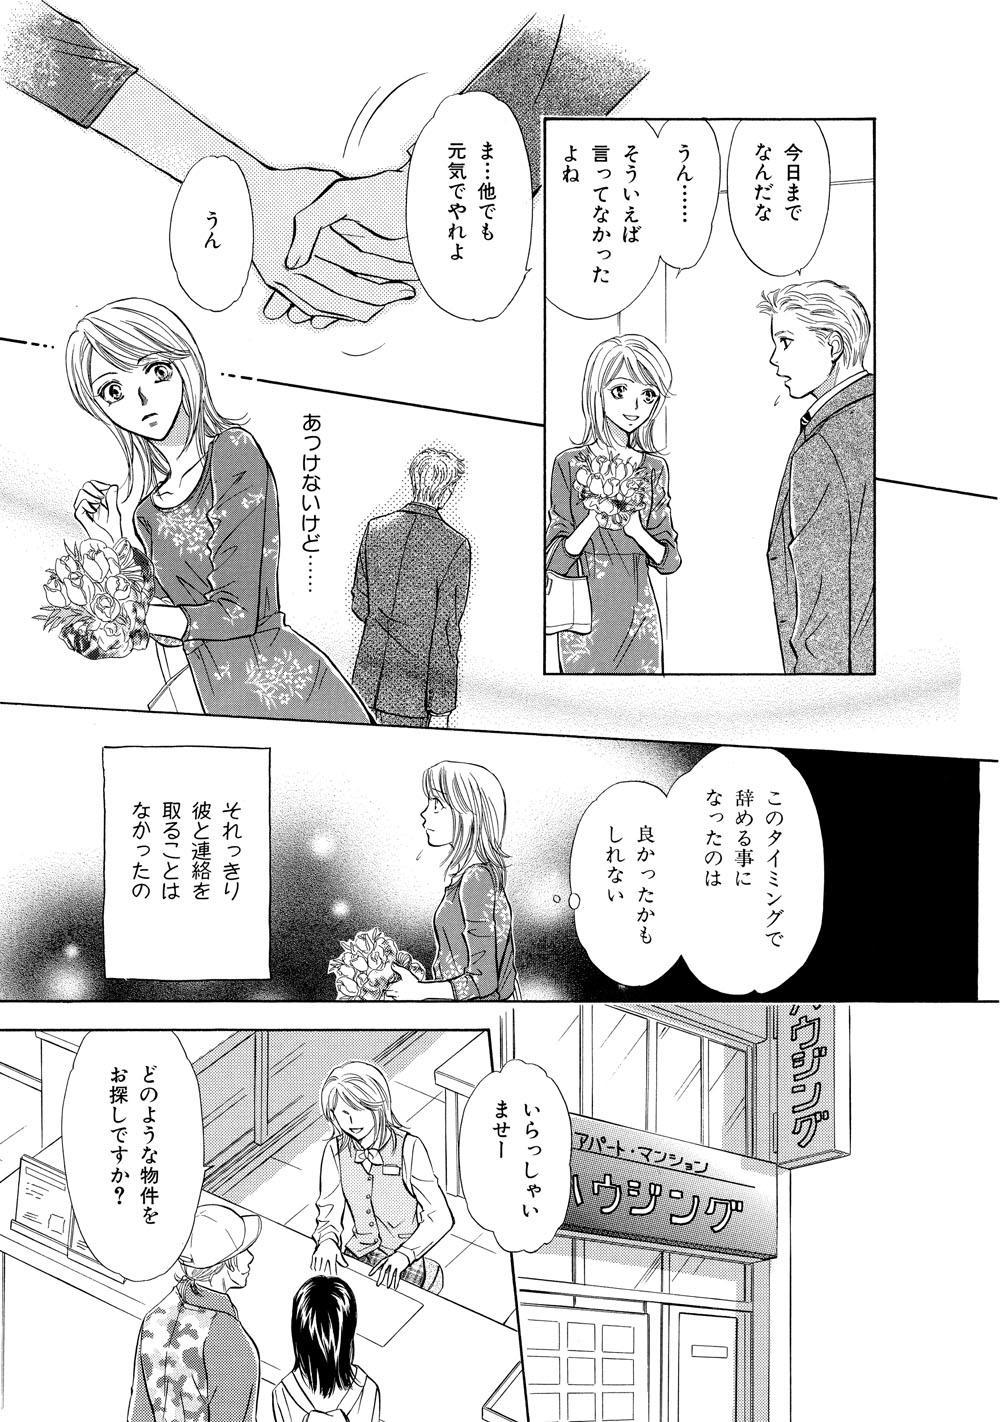 テレビ版_ほん怖_285.jpg